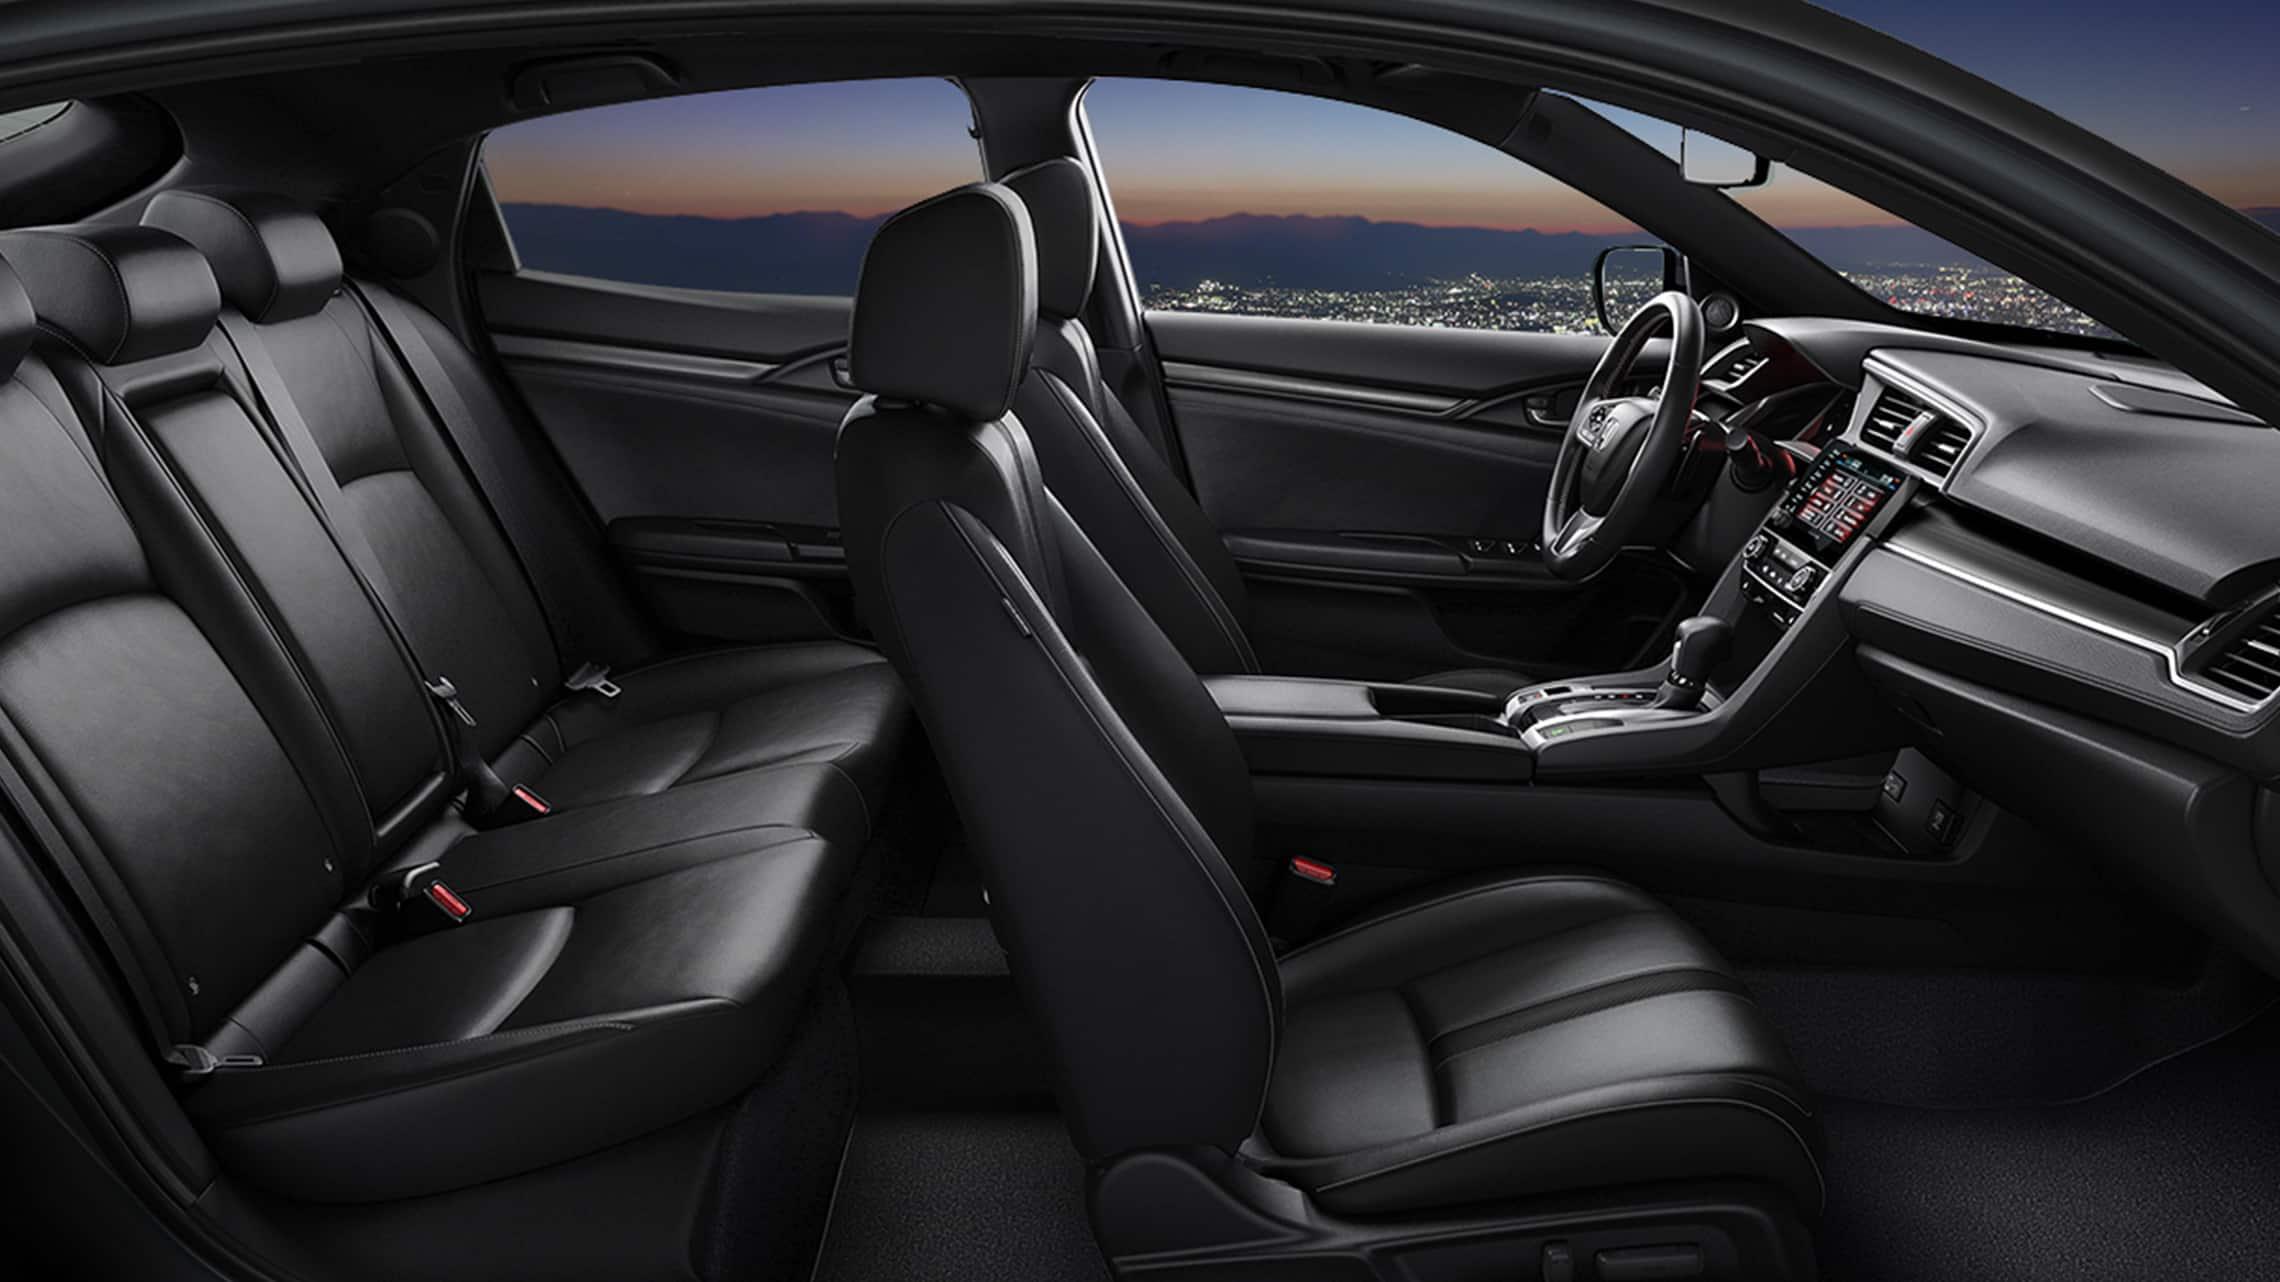 Vista de perfil del interior desde el lado del pasajero del Honda Civic Sport Touring Hatchback 2021 con cuero Black.